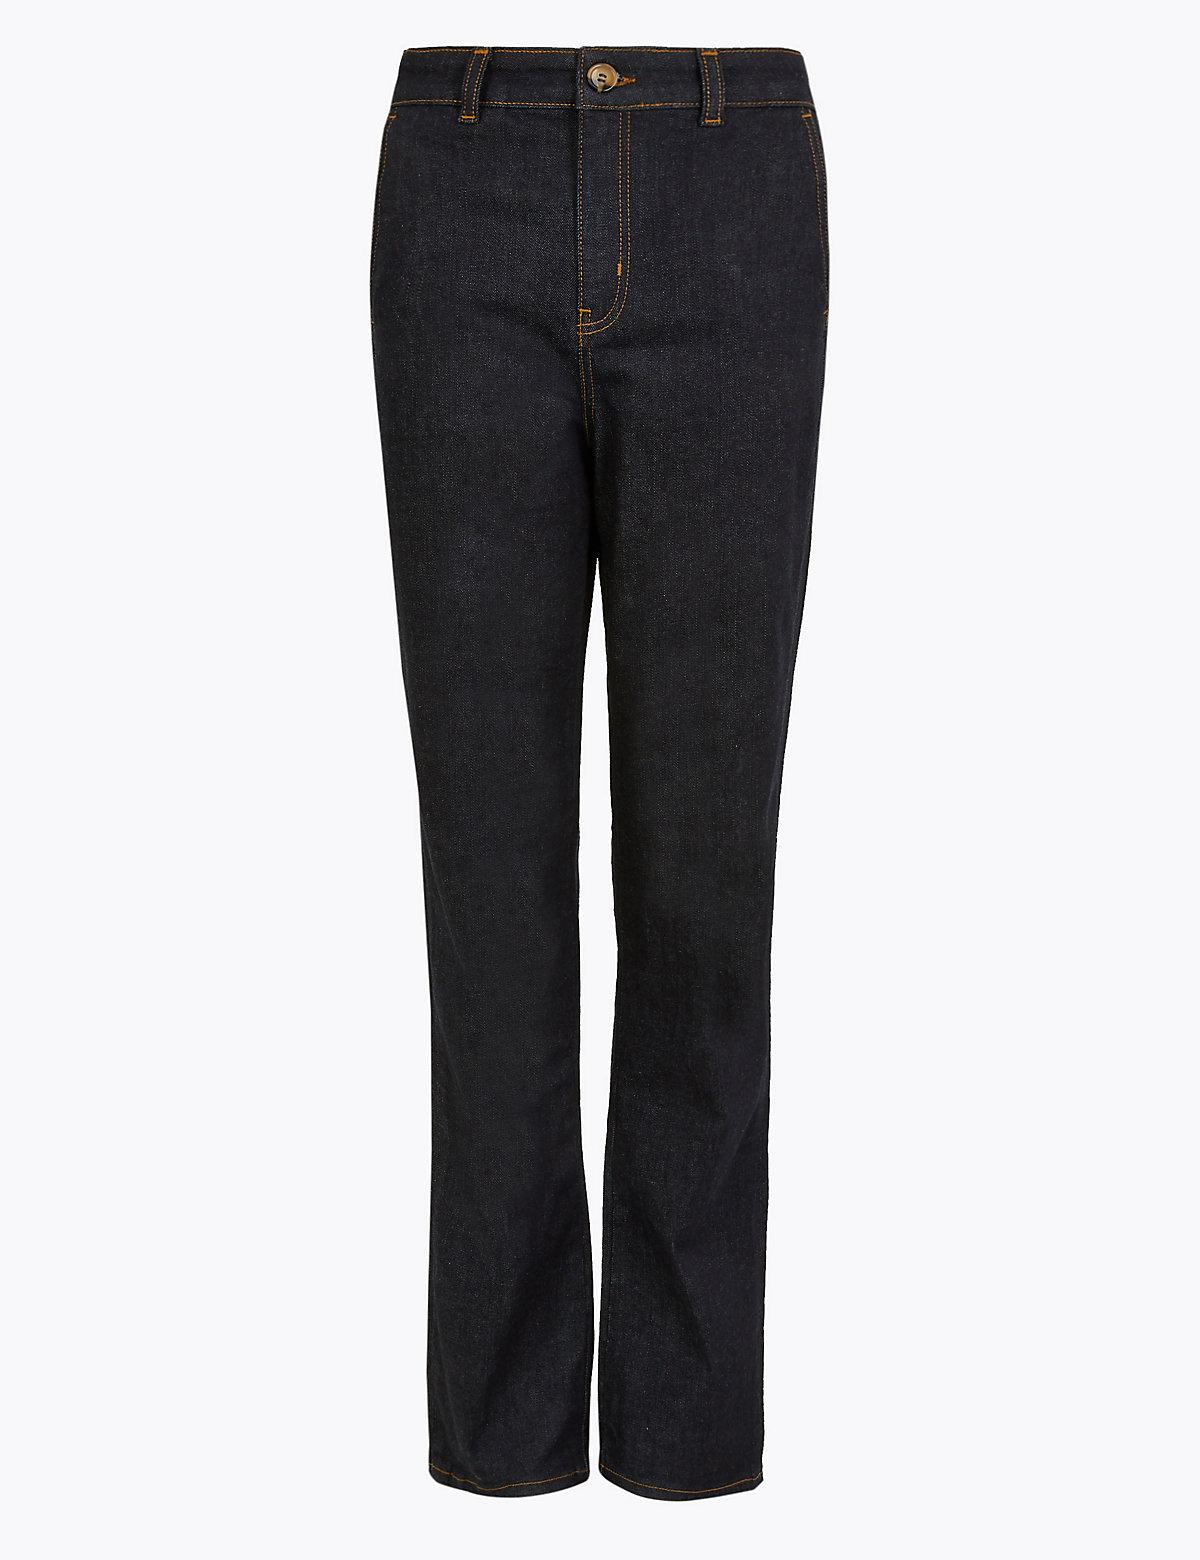 Расклешенные джинсы длиной до щиколотки